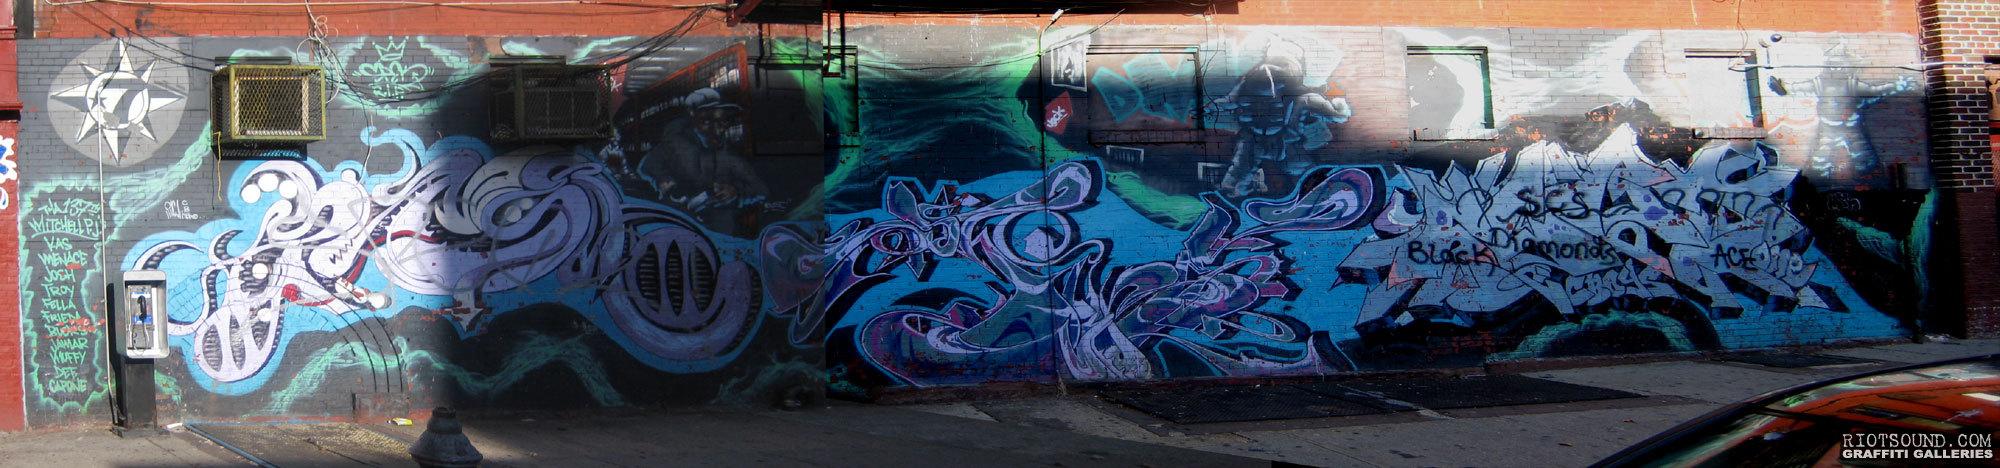 Mitchell Projects Bronx Graffiti